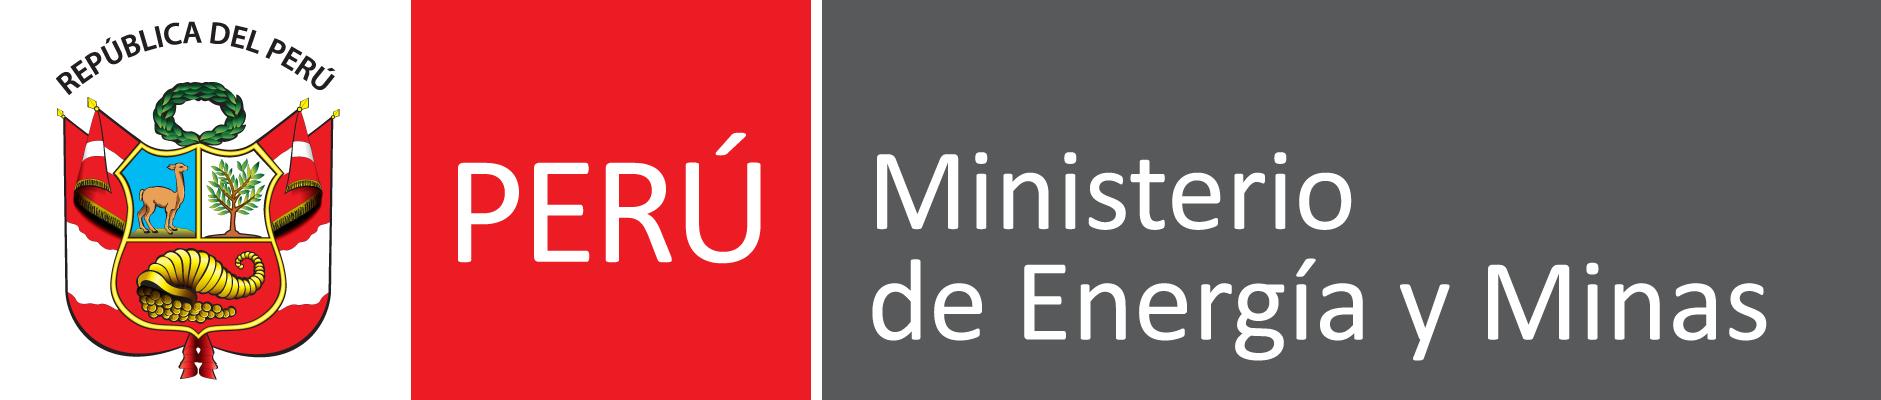 PCM-Energia-y-Minas.png Español: Colección Ministerios de la República del Perú Date 29 December 2017 Source Own work Author CanalesQuintanilla